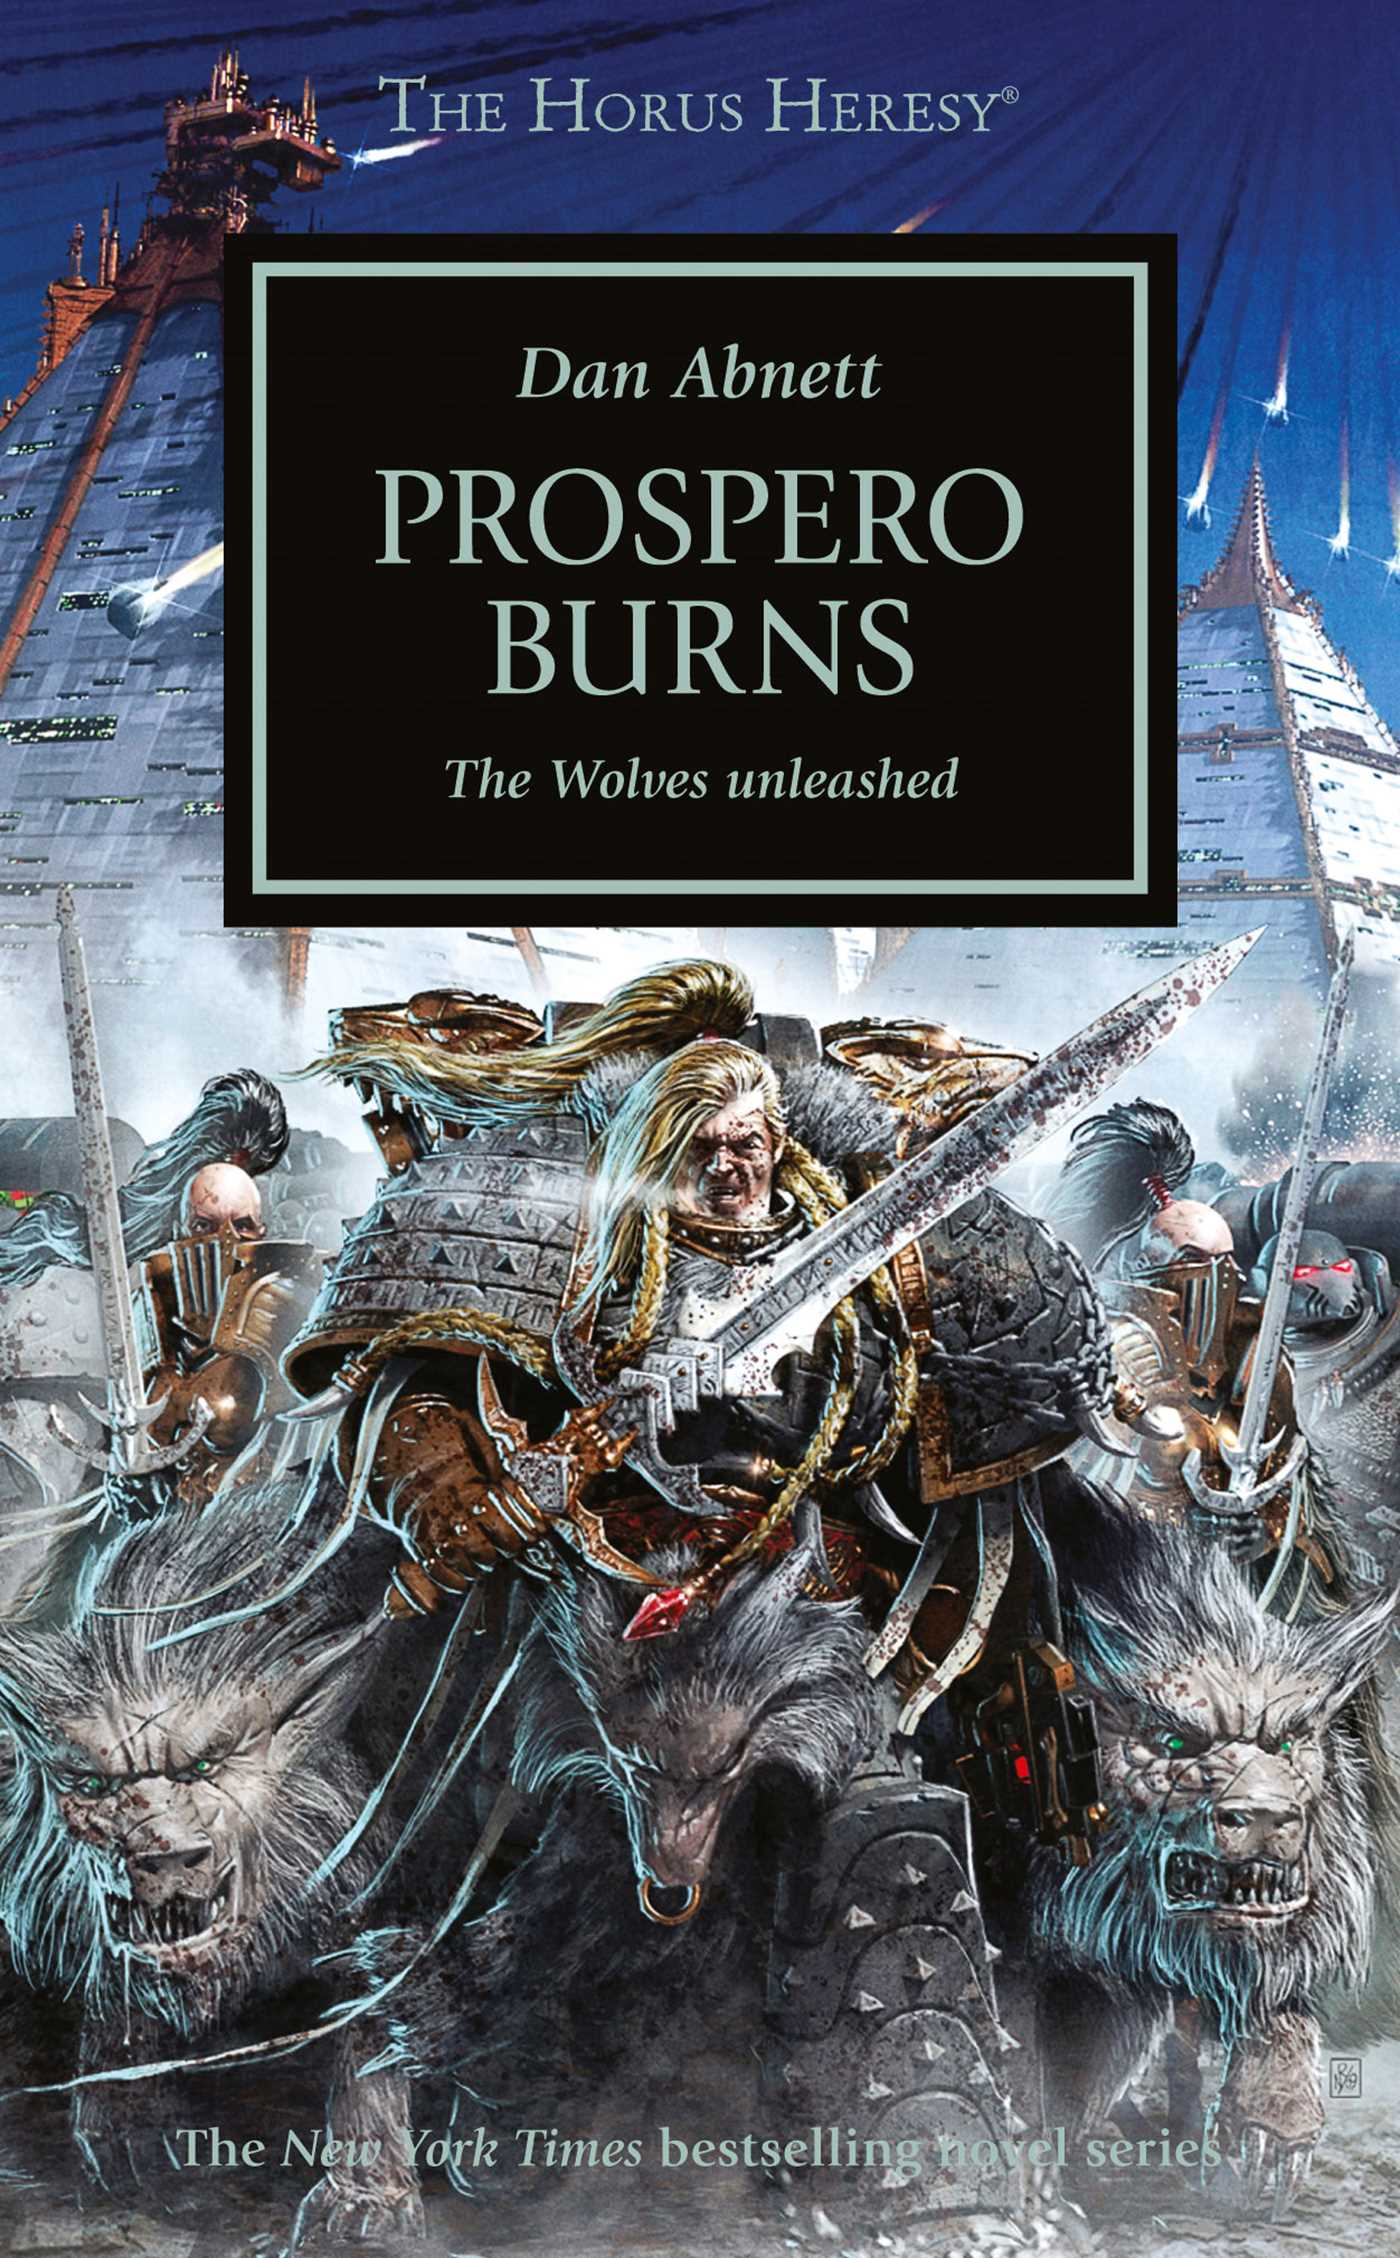 Prospero burns 9781849708227 hr